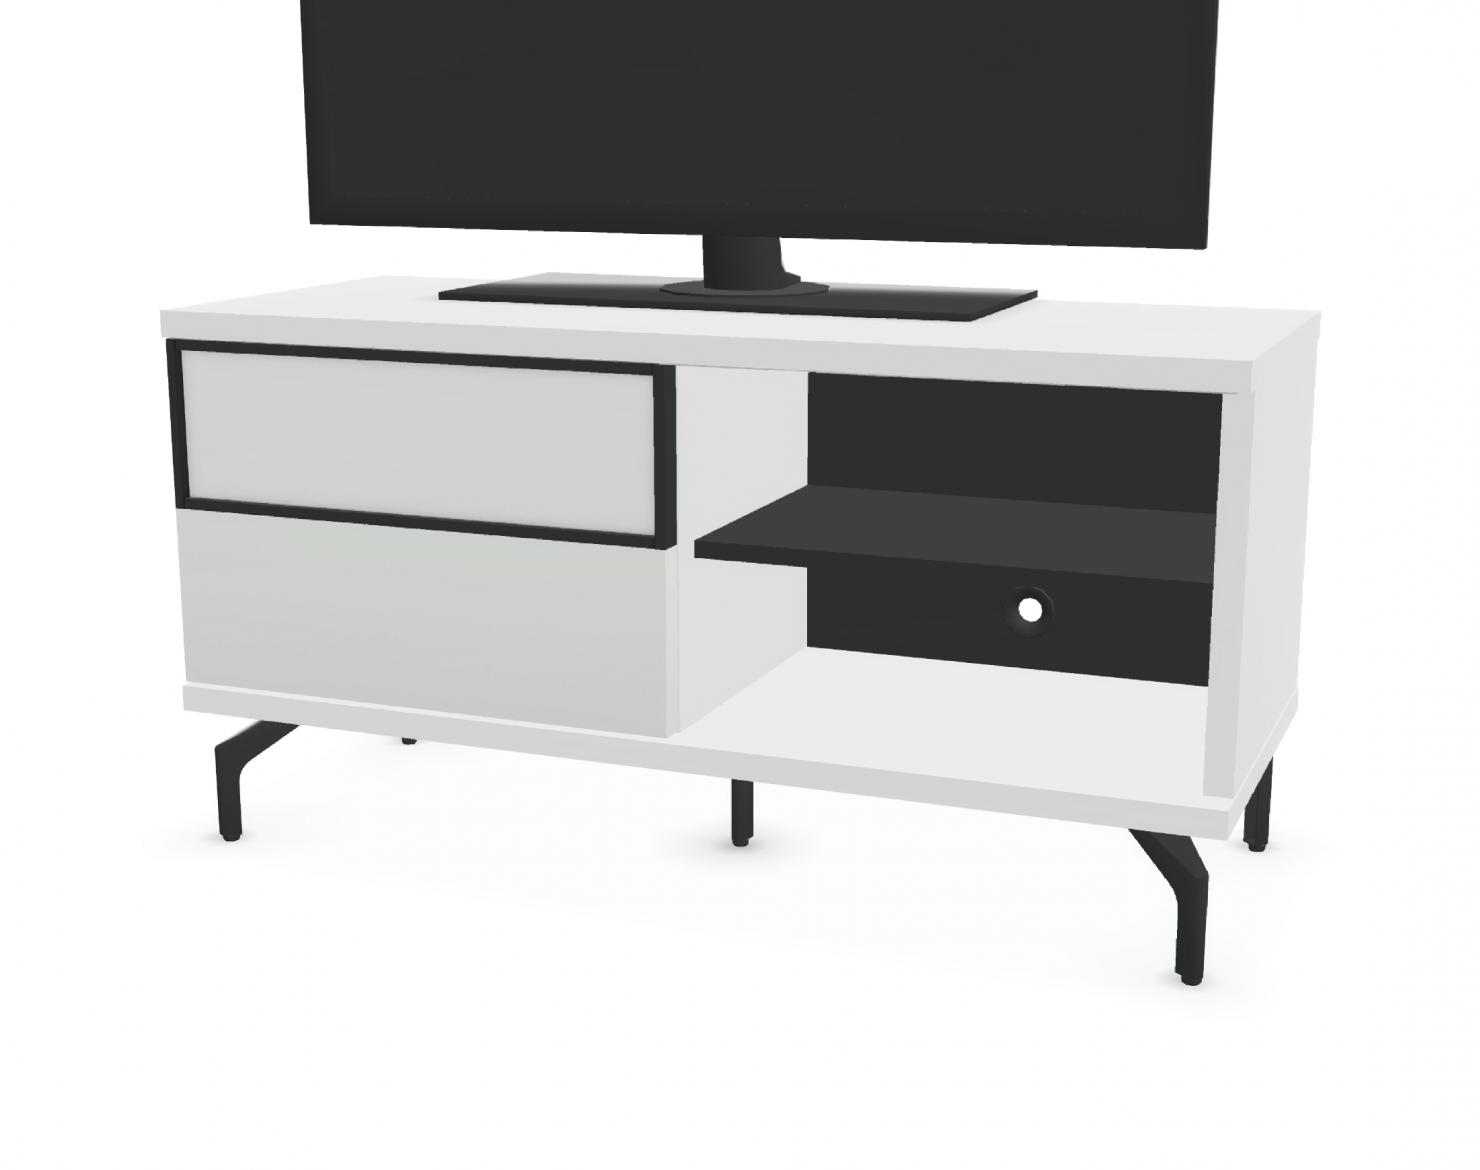 meuble tv 1 porte coulissante 2 niches facade bois